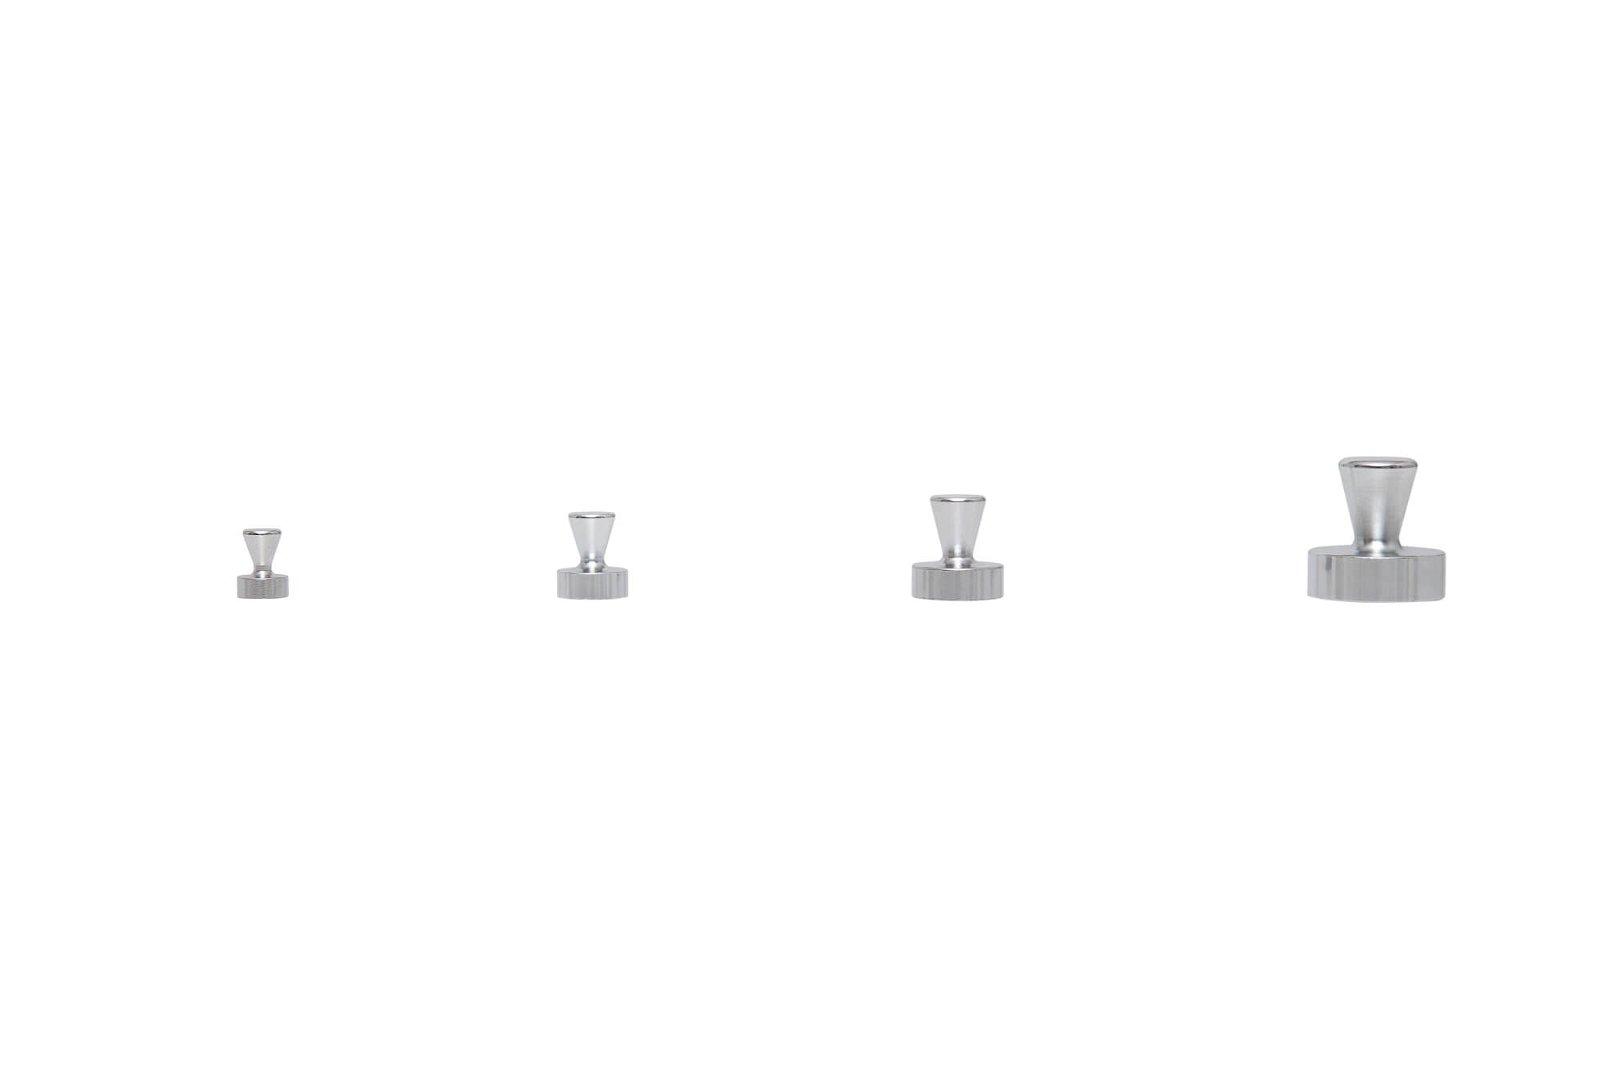 Neodym-Kegelmagnet, Ø 15 mm, 7 kg Haftkraft, 4 St./Set, hellsilber